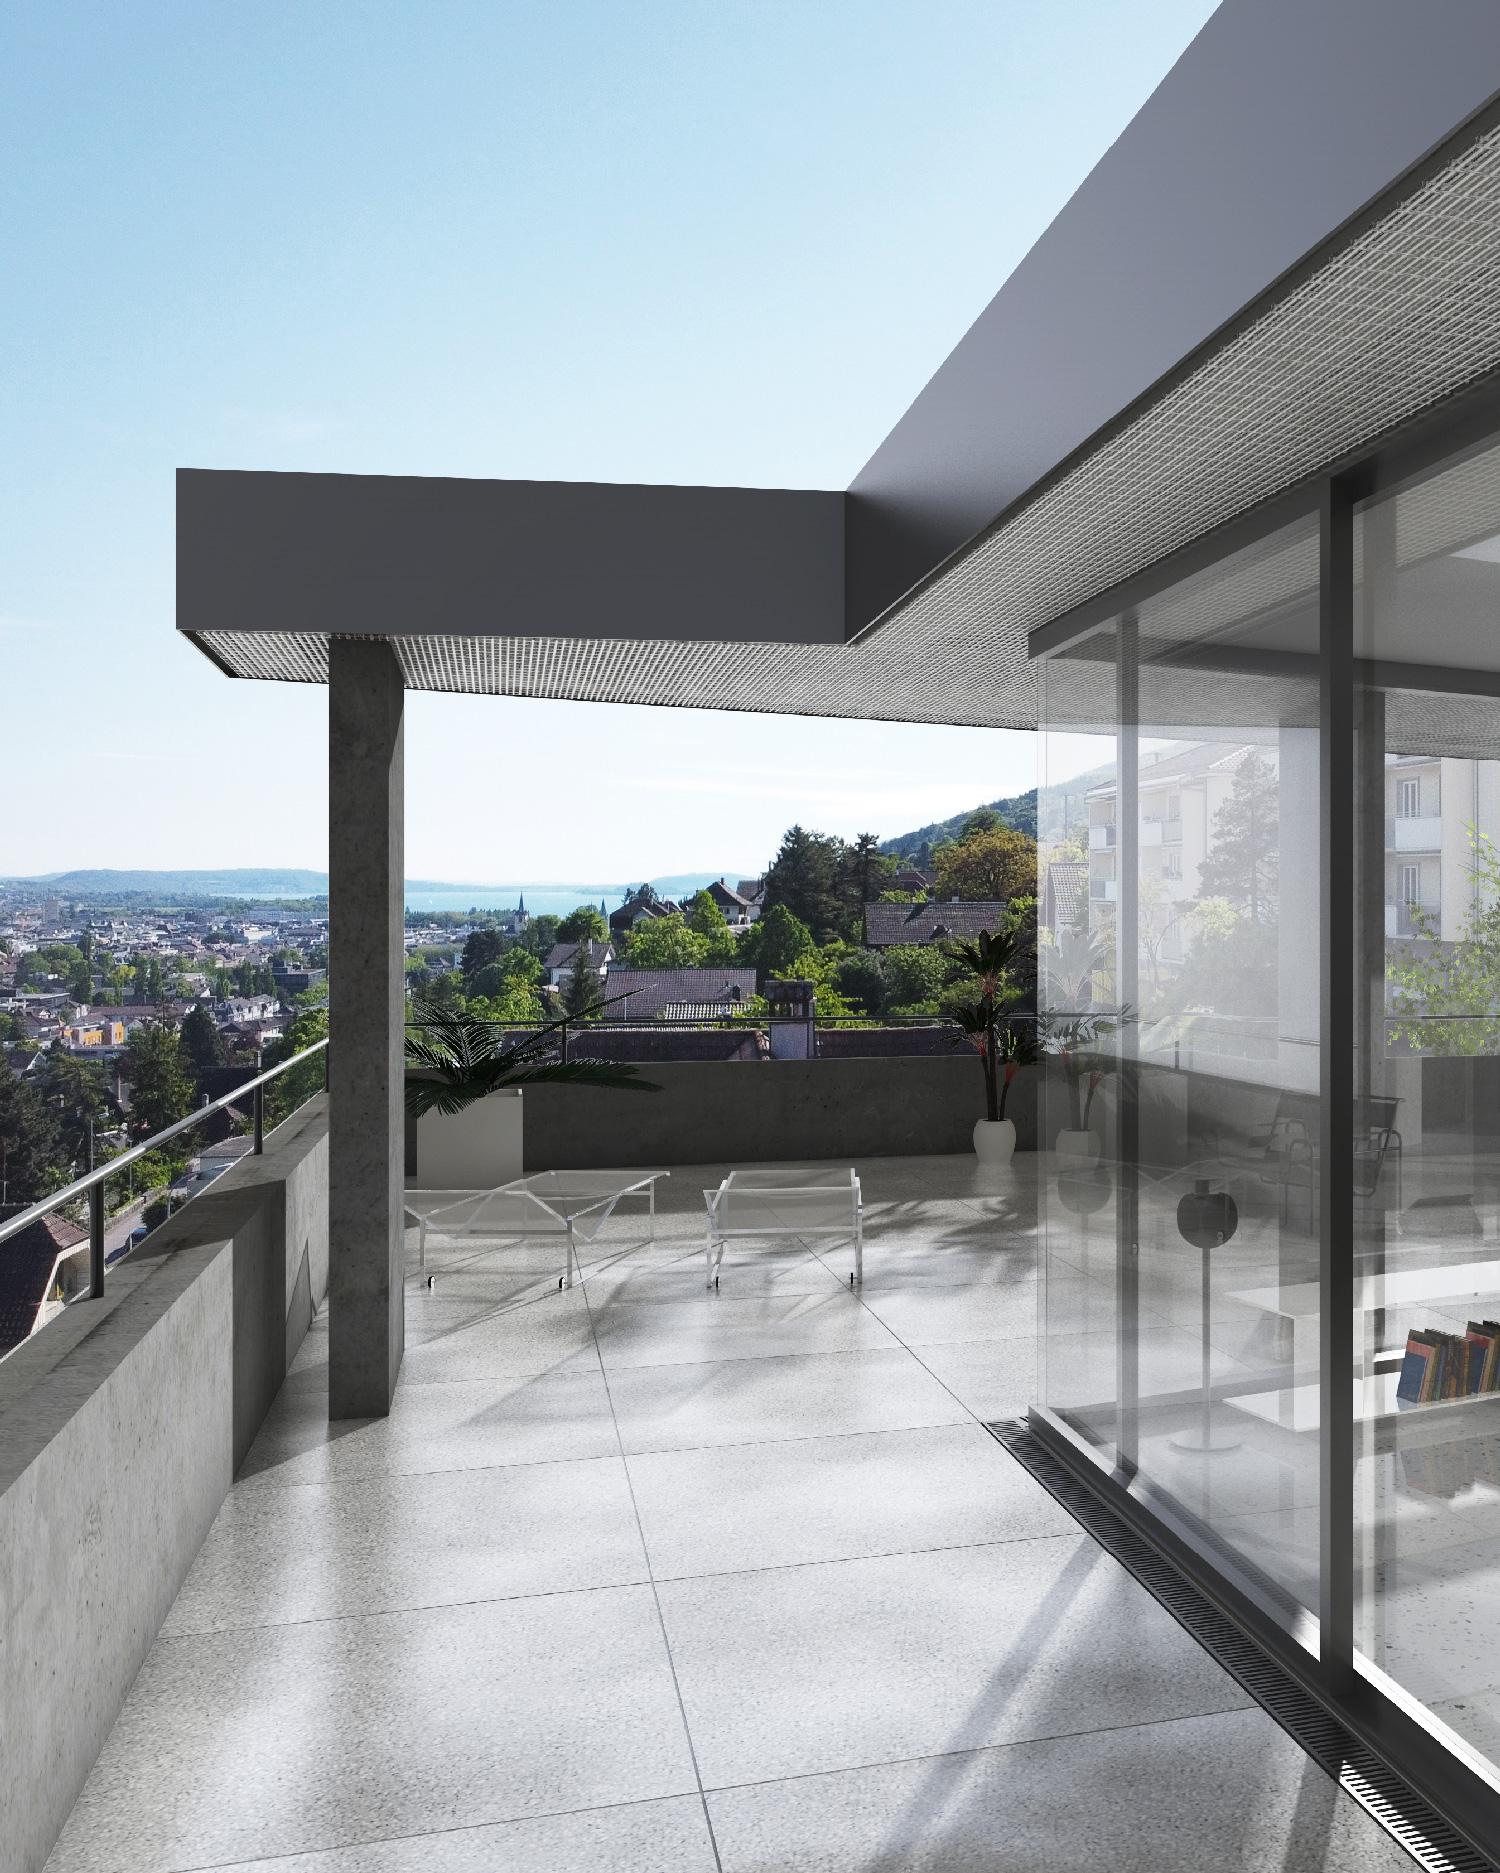 Terrasse der Attikawohnung mit Sicht auf den Bielersee